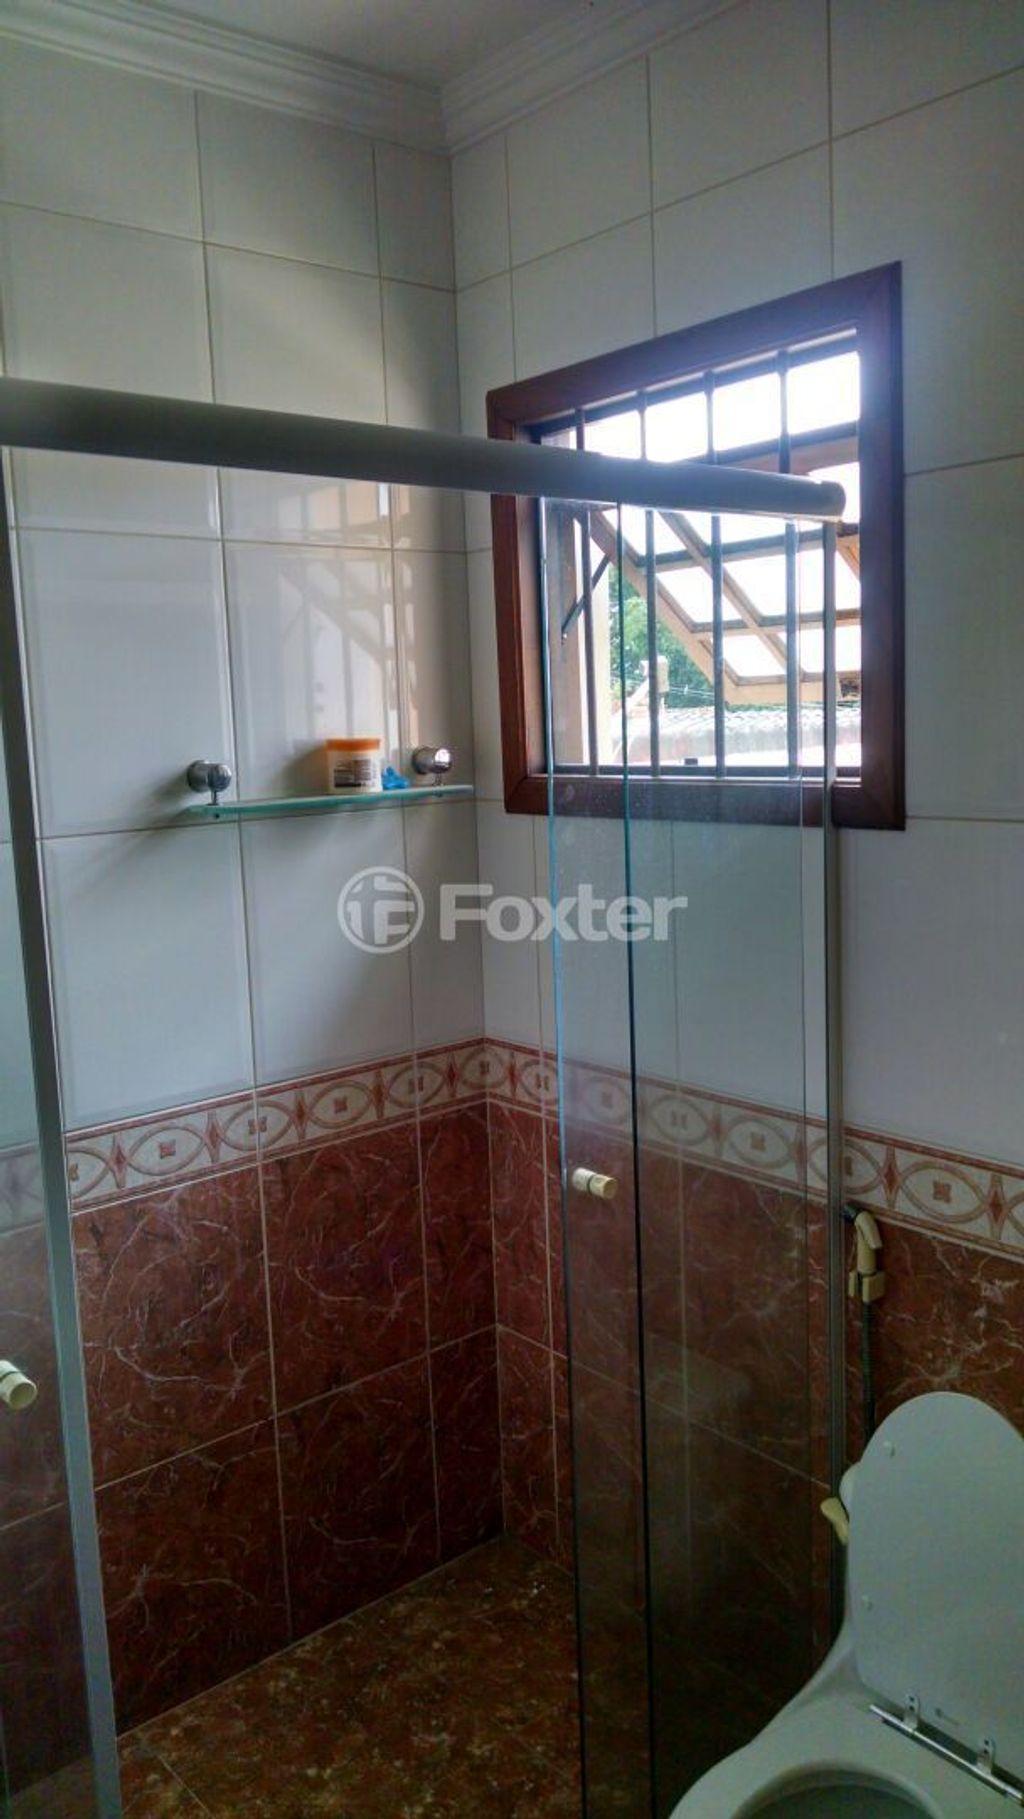 Casa 3 Dorm, Vila Ipiranga, Porto Alegre (143175) - Foto 35